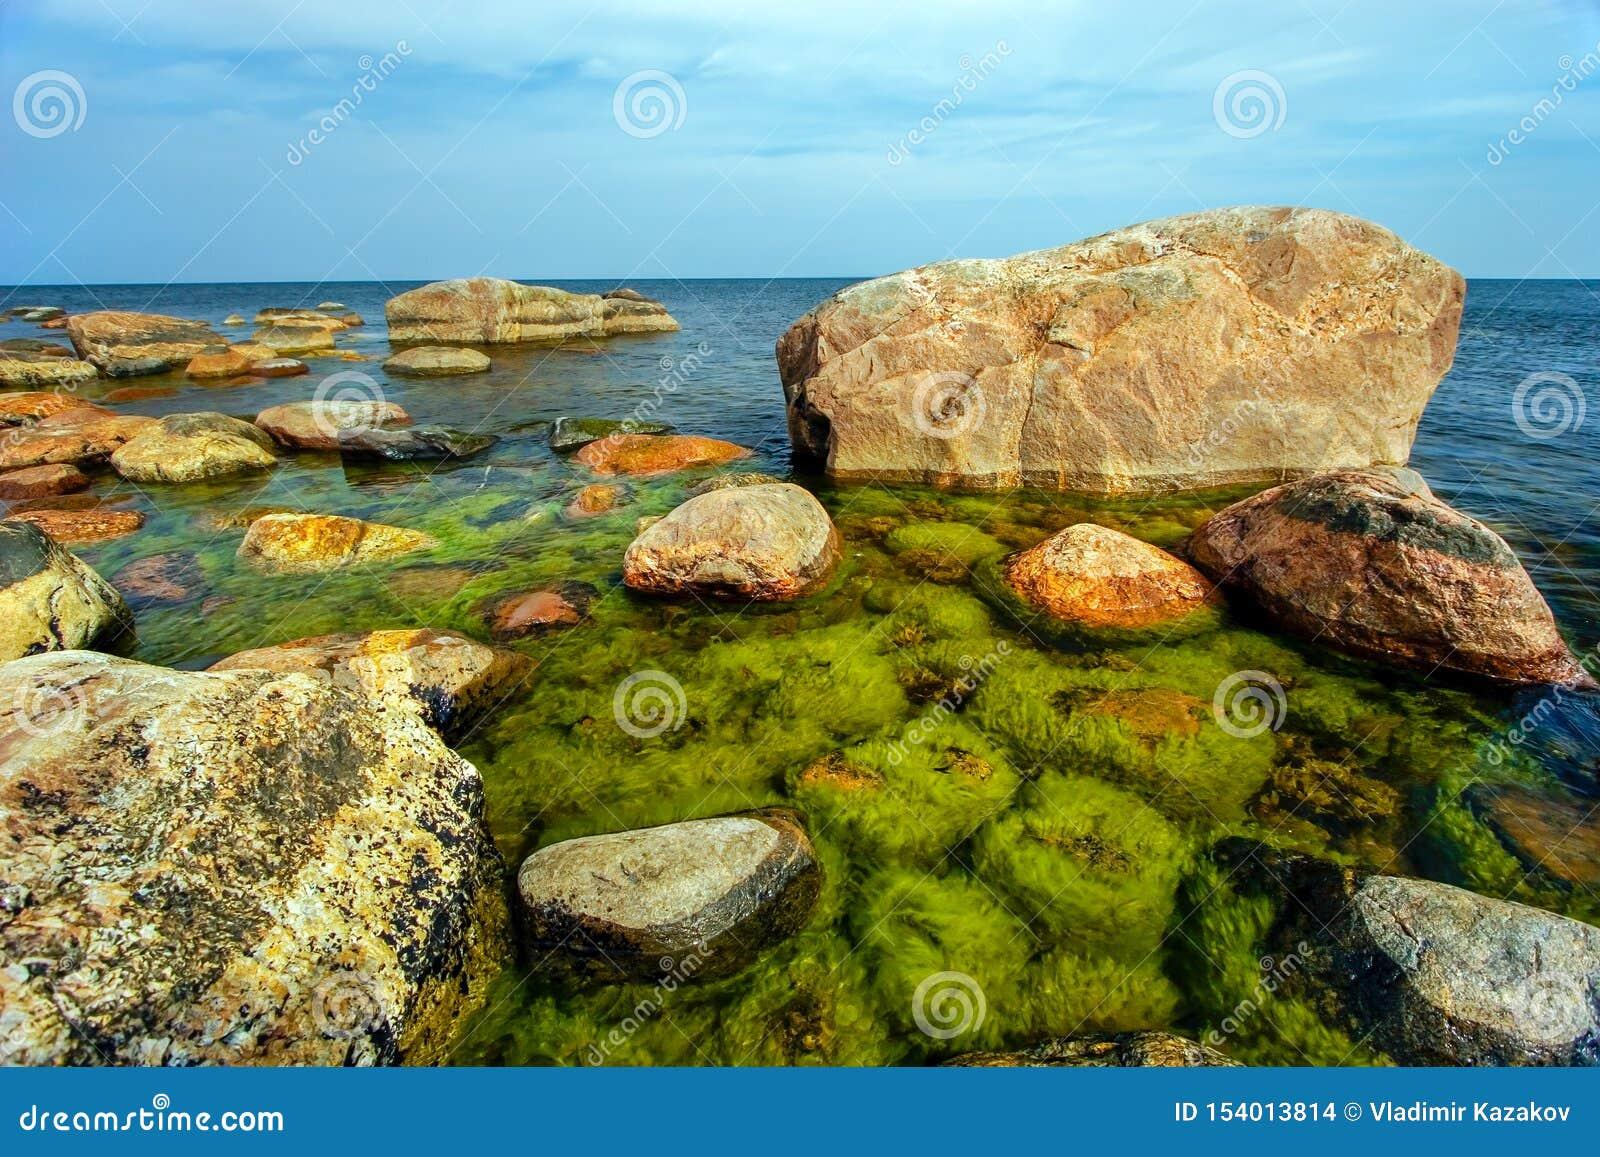 Belle pietre enormi nel mare con le piccole pietre sotto acqua invasa con le alghe verdi nel golfo di Finlandia